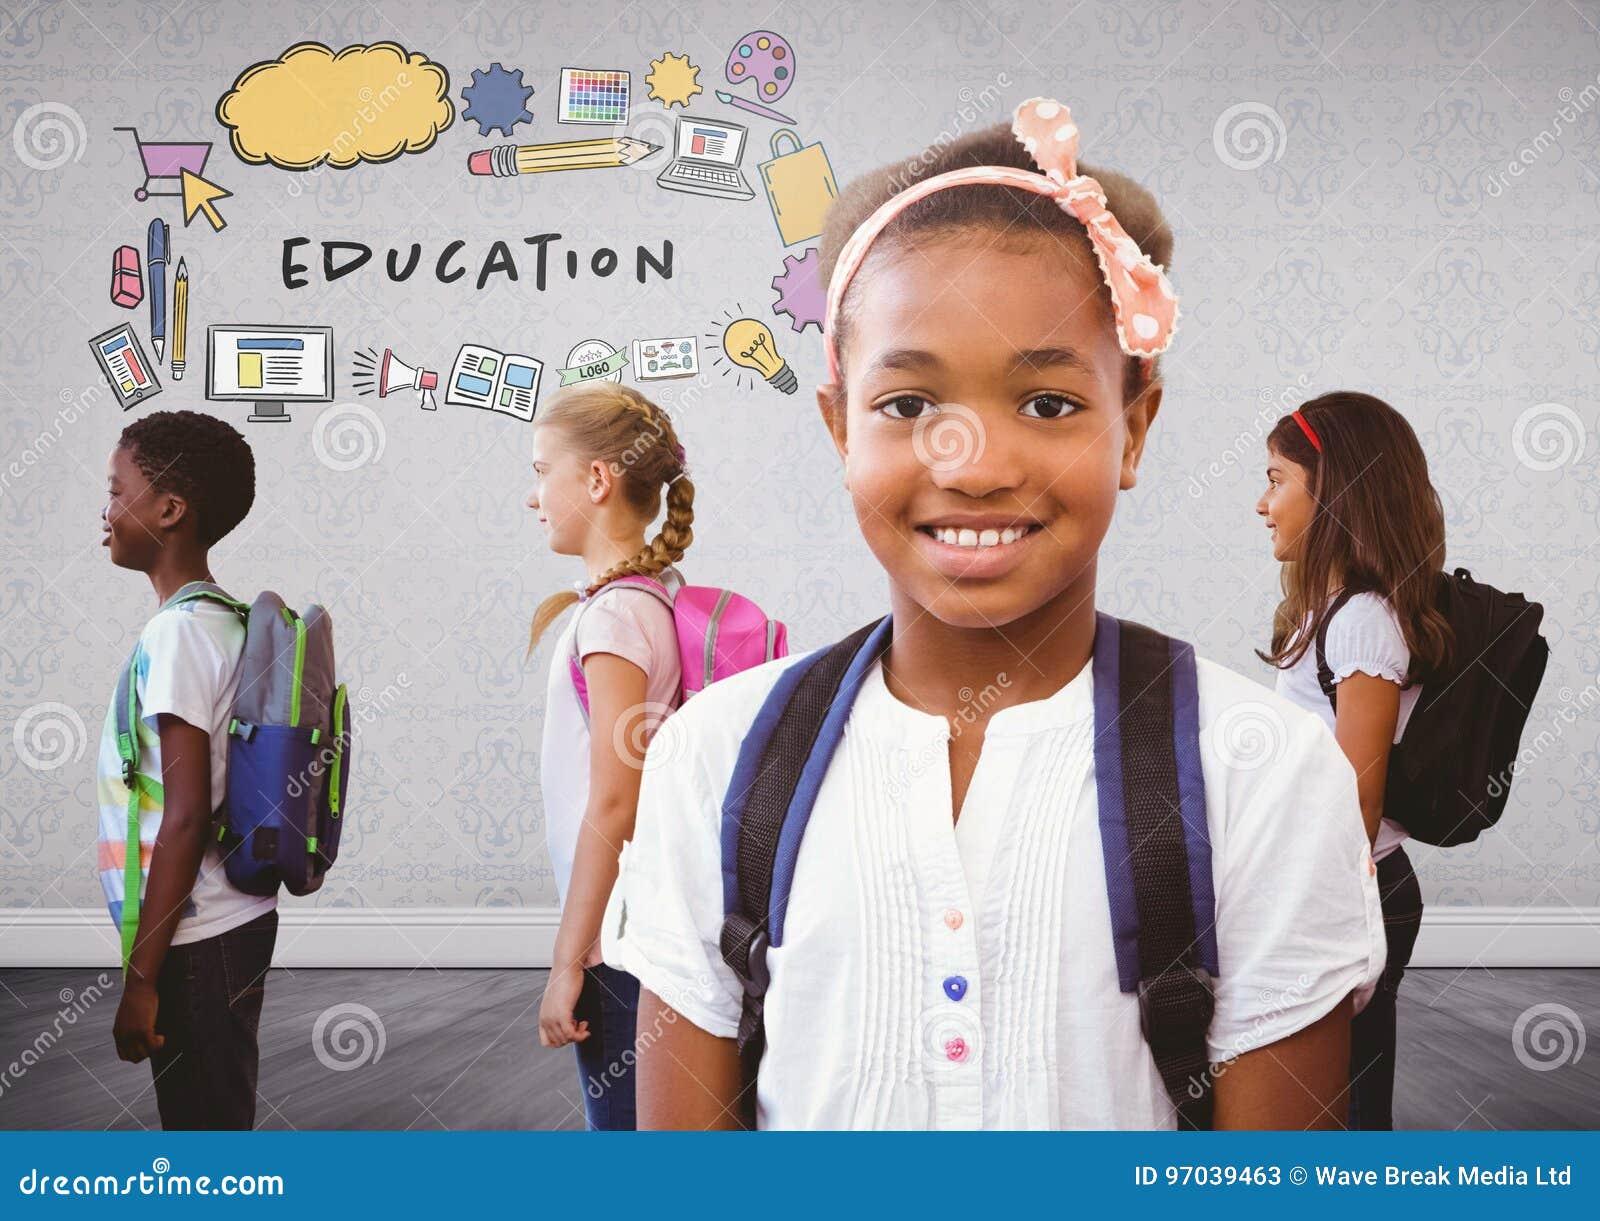 Grupp av ungar med påsar i rum- och utbildningsdiagram